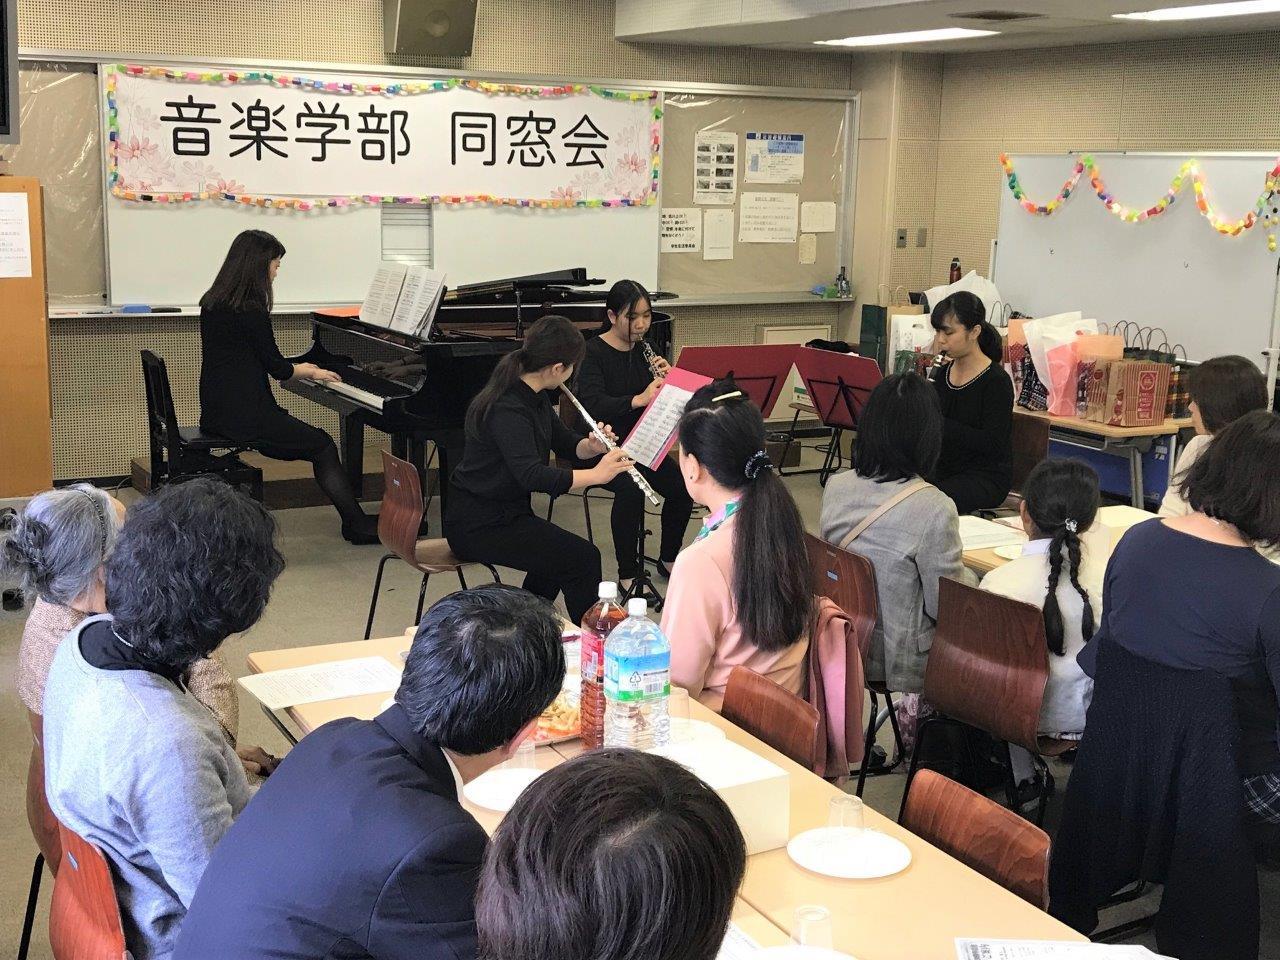 第11回音楽学部同窓会が開催されました!